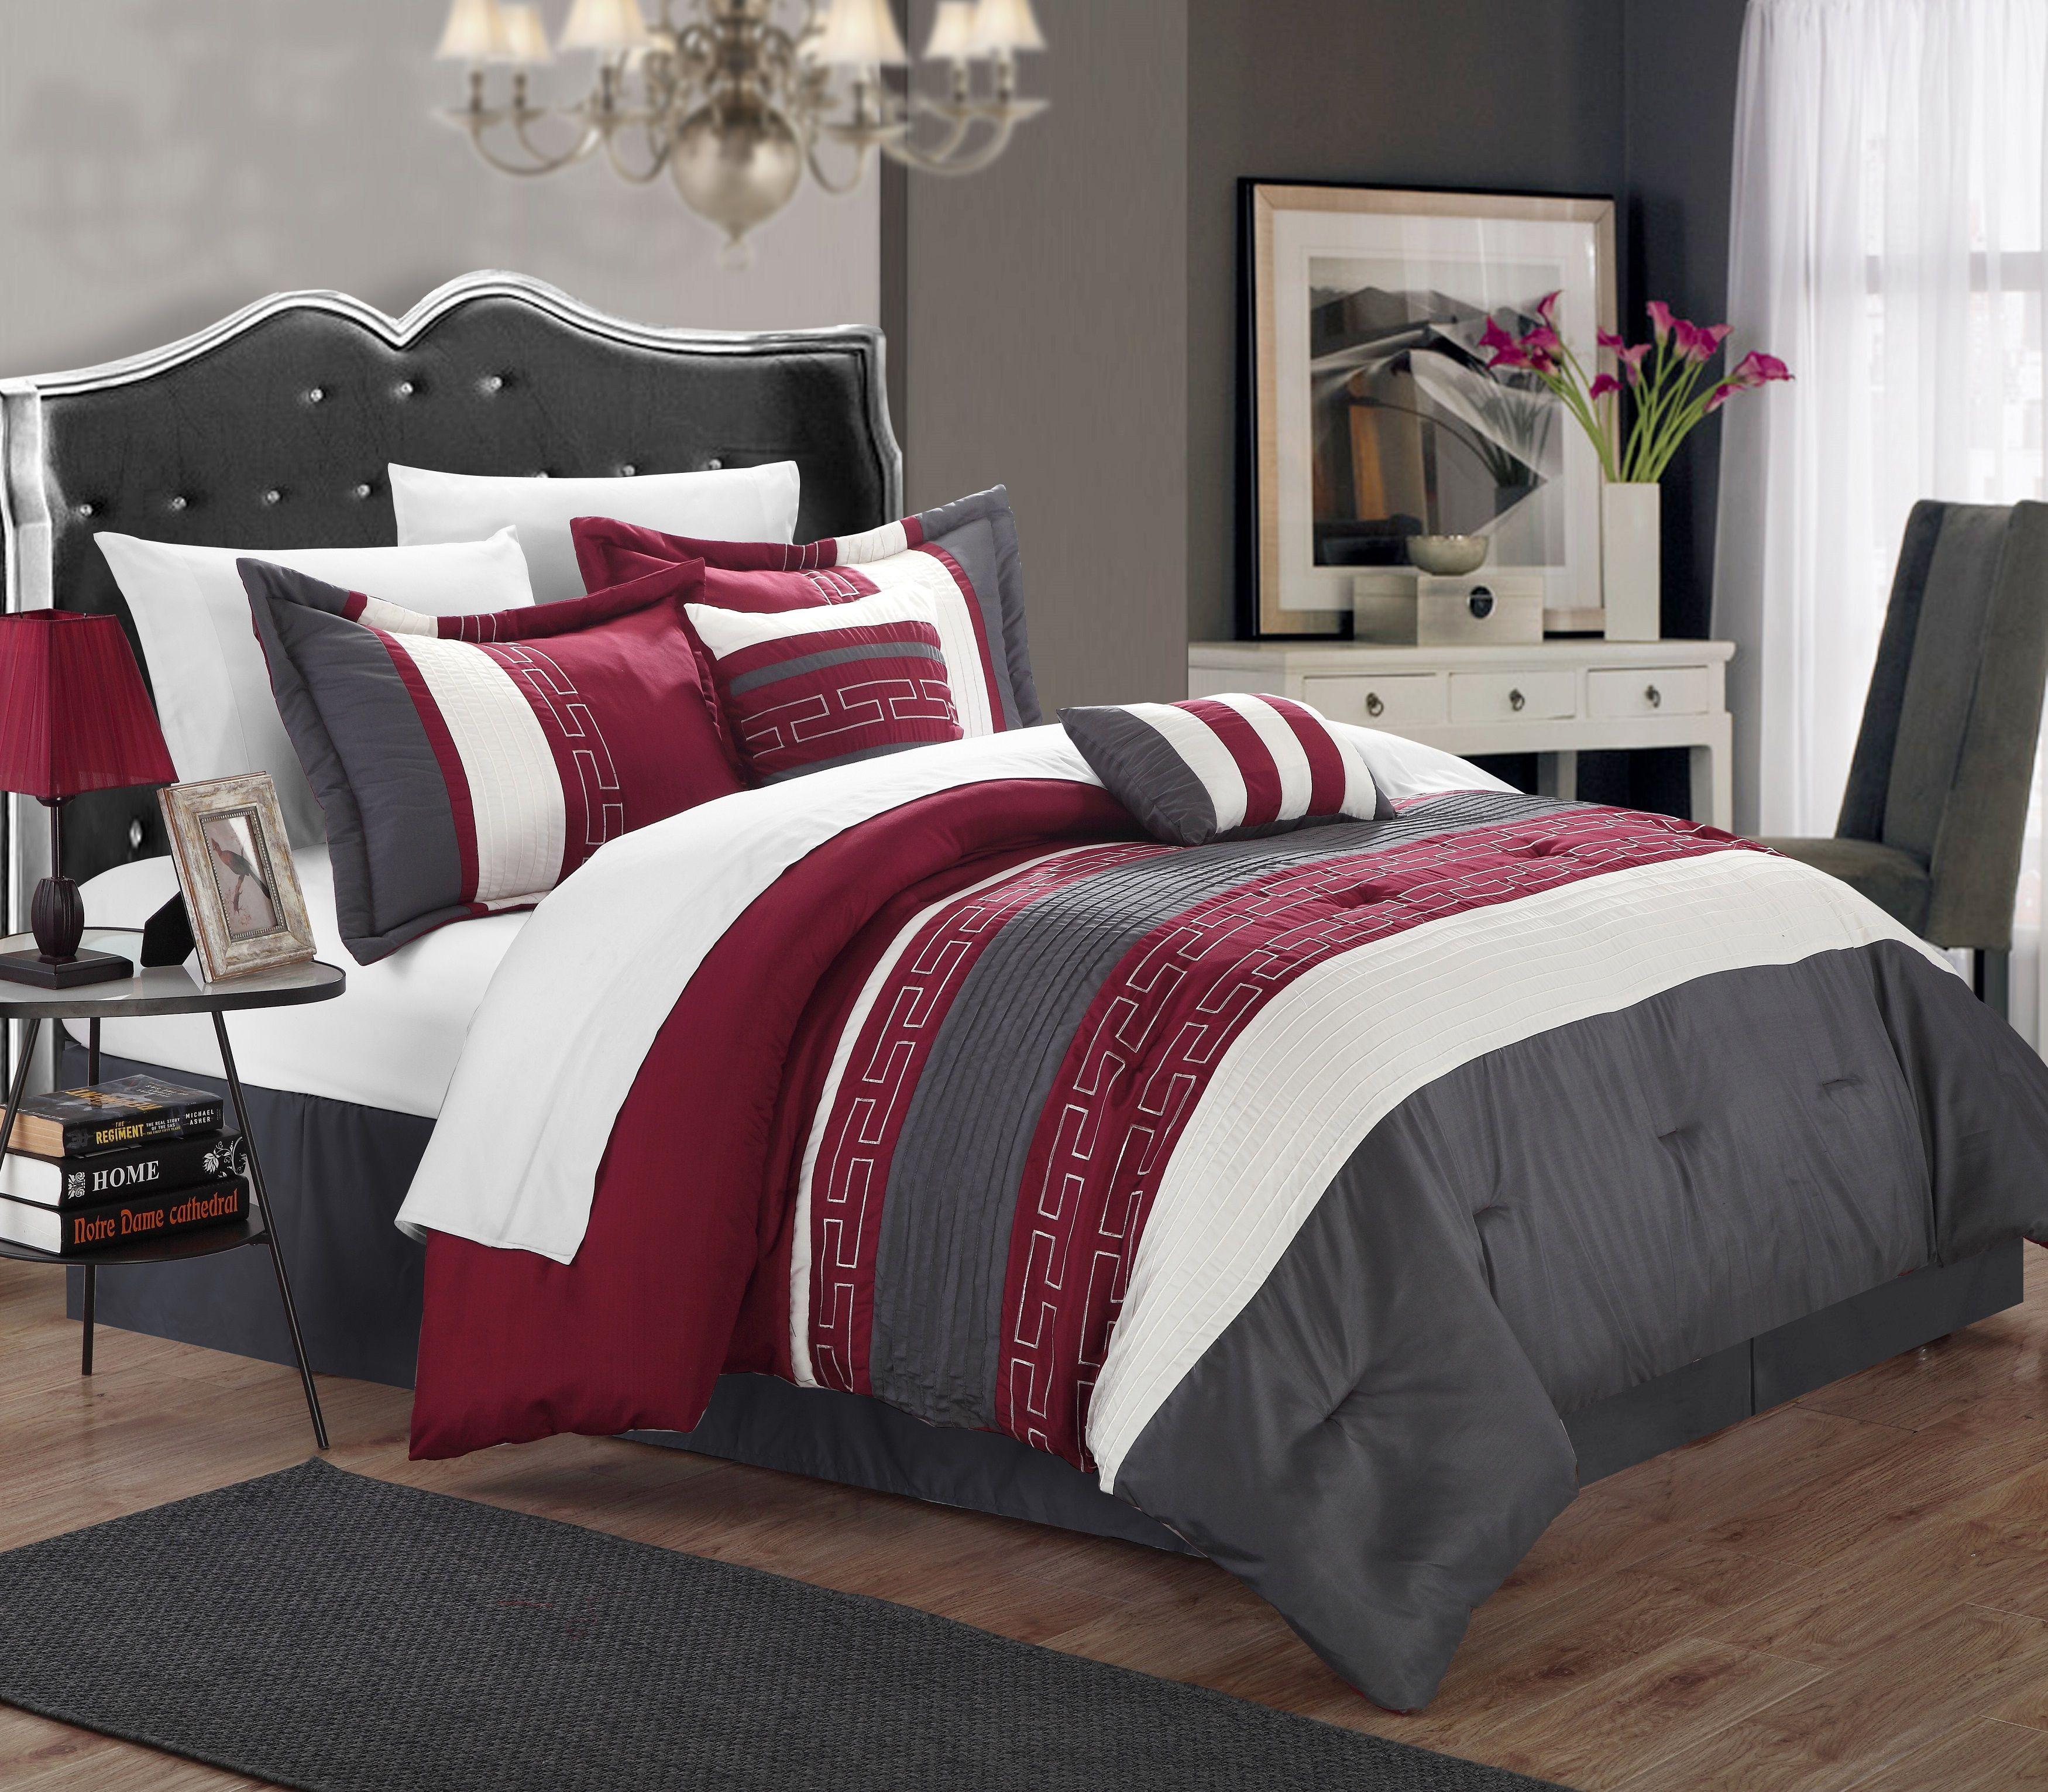 Carlton 10 Piece Comforter Set King Size Burgundy Sheet